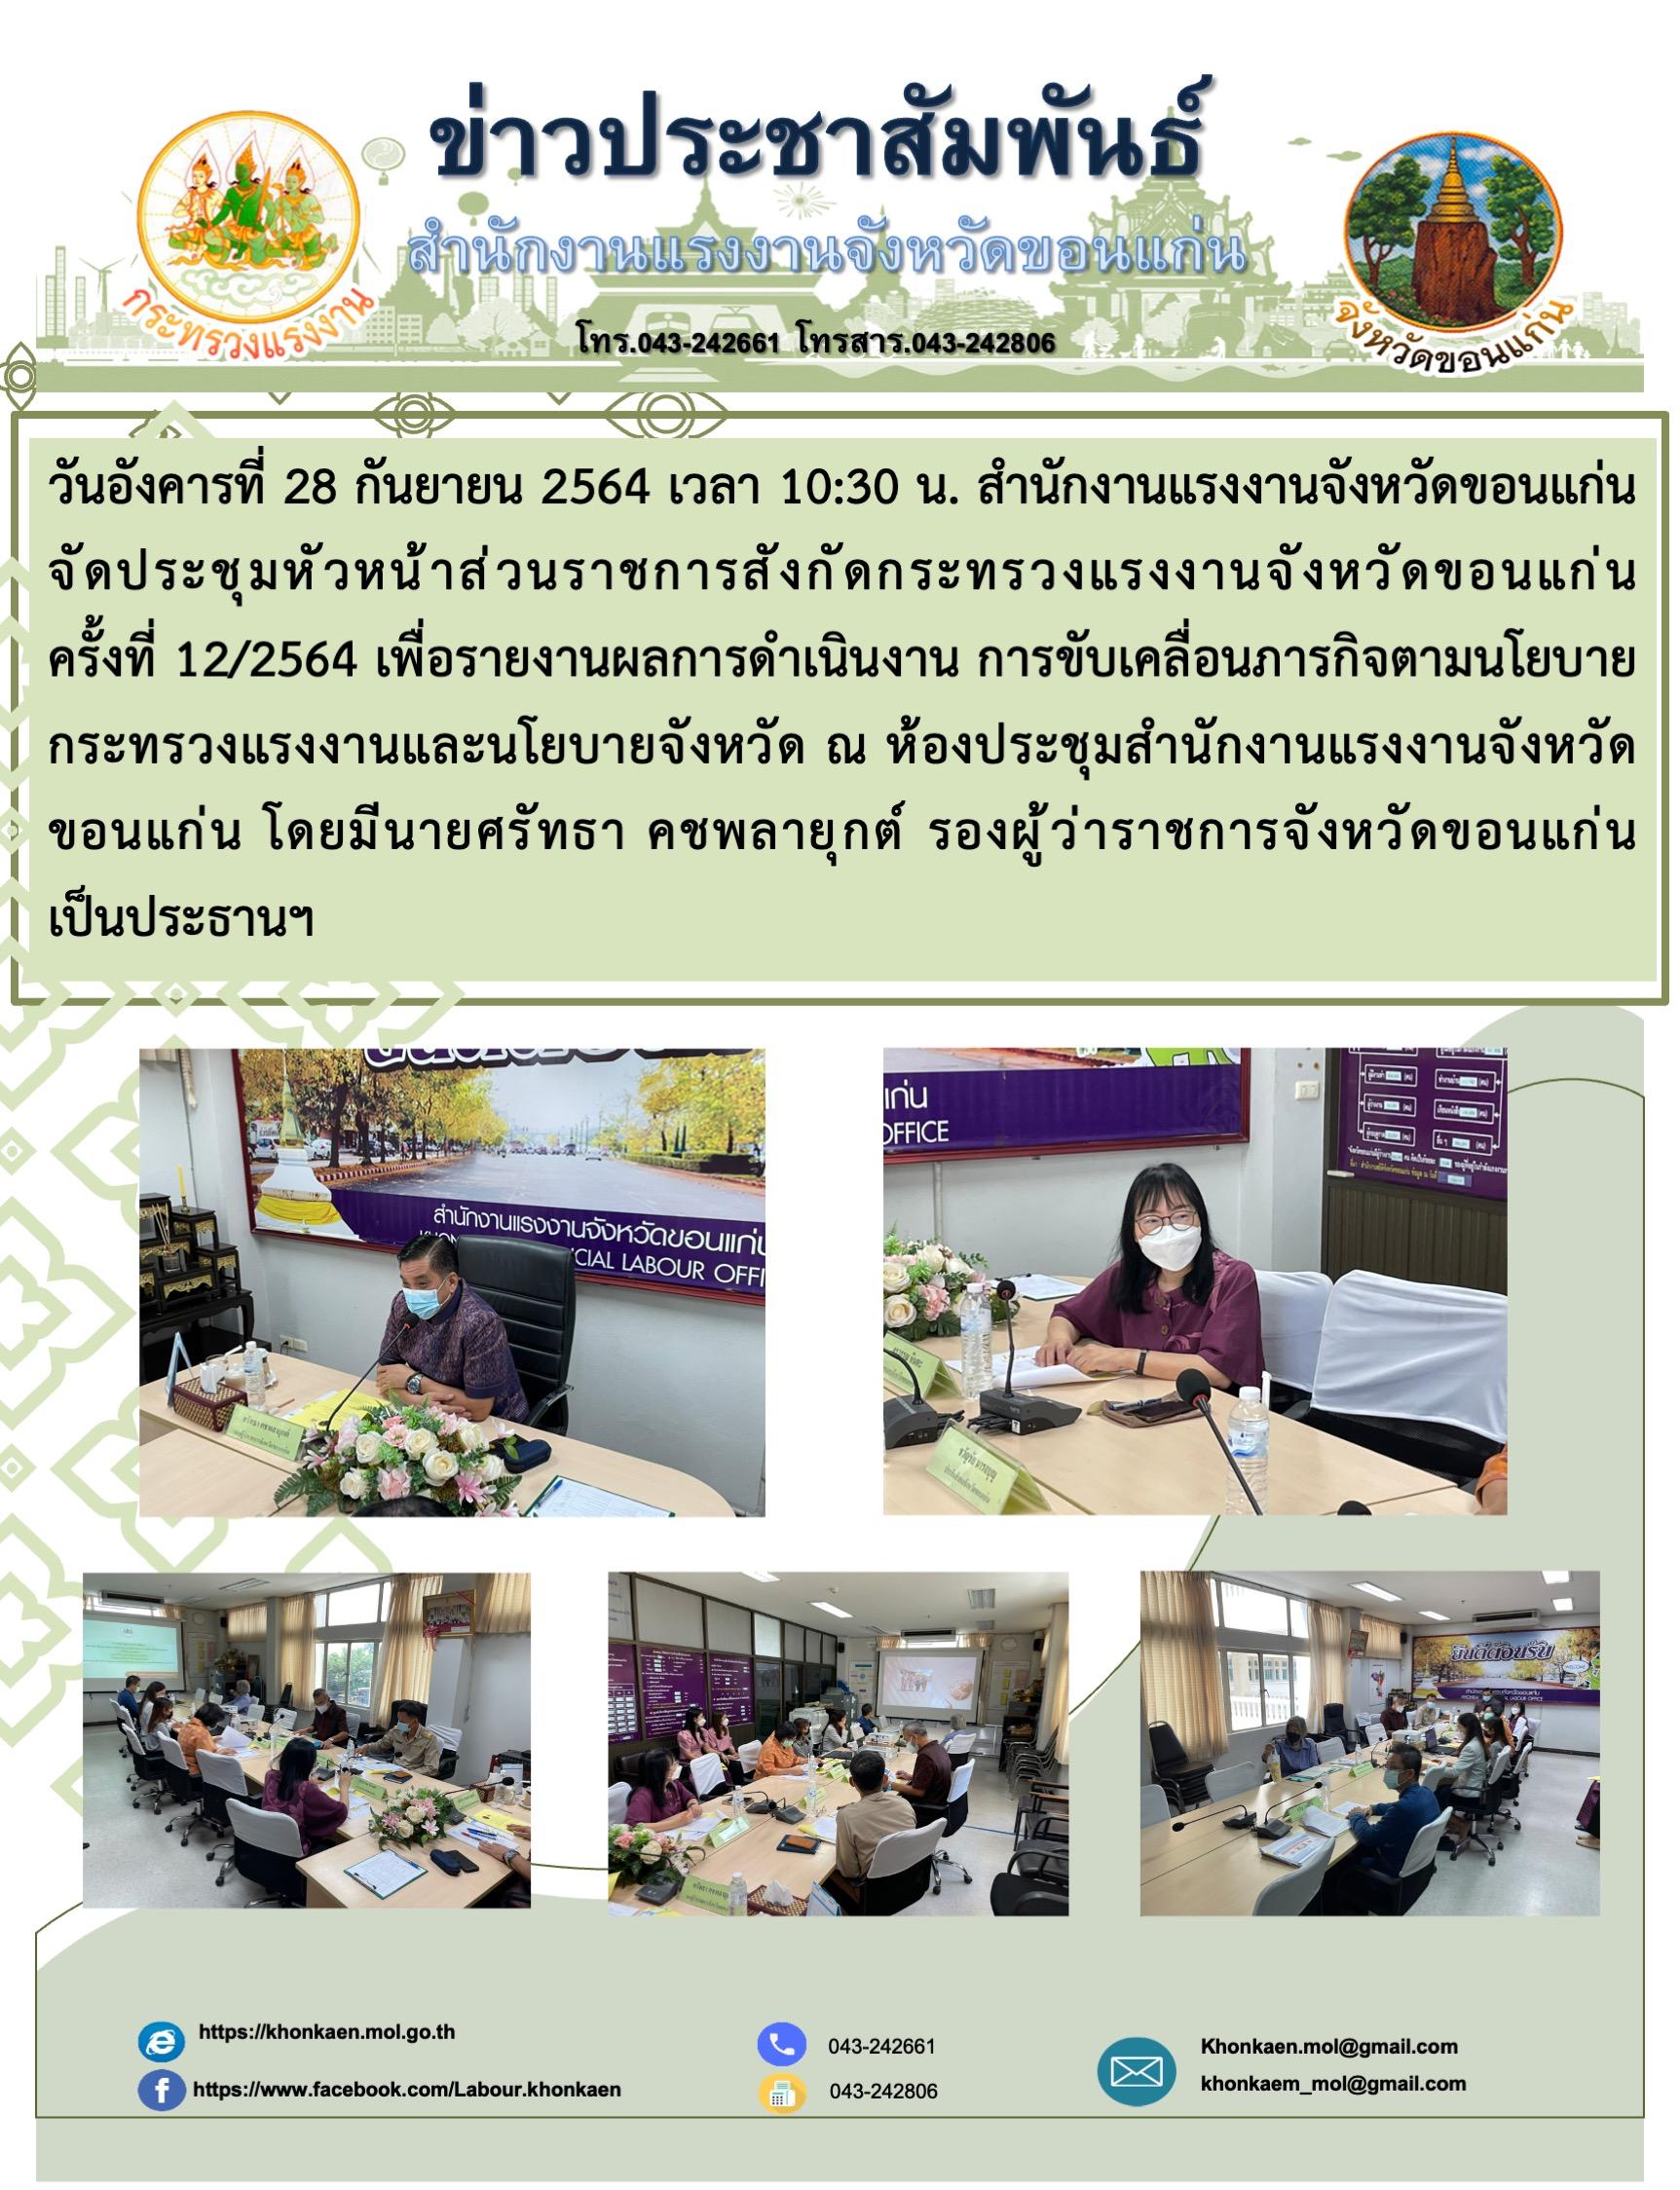 สำนักงานแรงงานจังหวัดขอนแก่น จัดประชุมหัวหน้าส่วนราชการสังกัดกระทรวงแรงงานจังหวัดขอนแก่น ครั้งที่ 12/2564